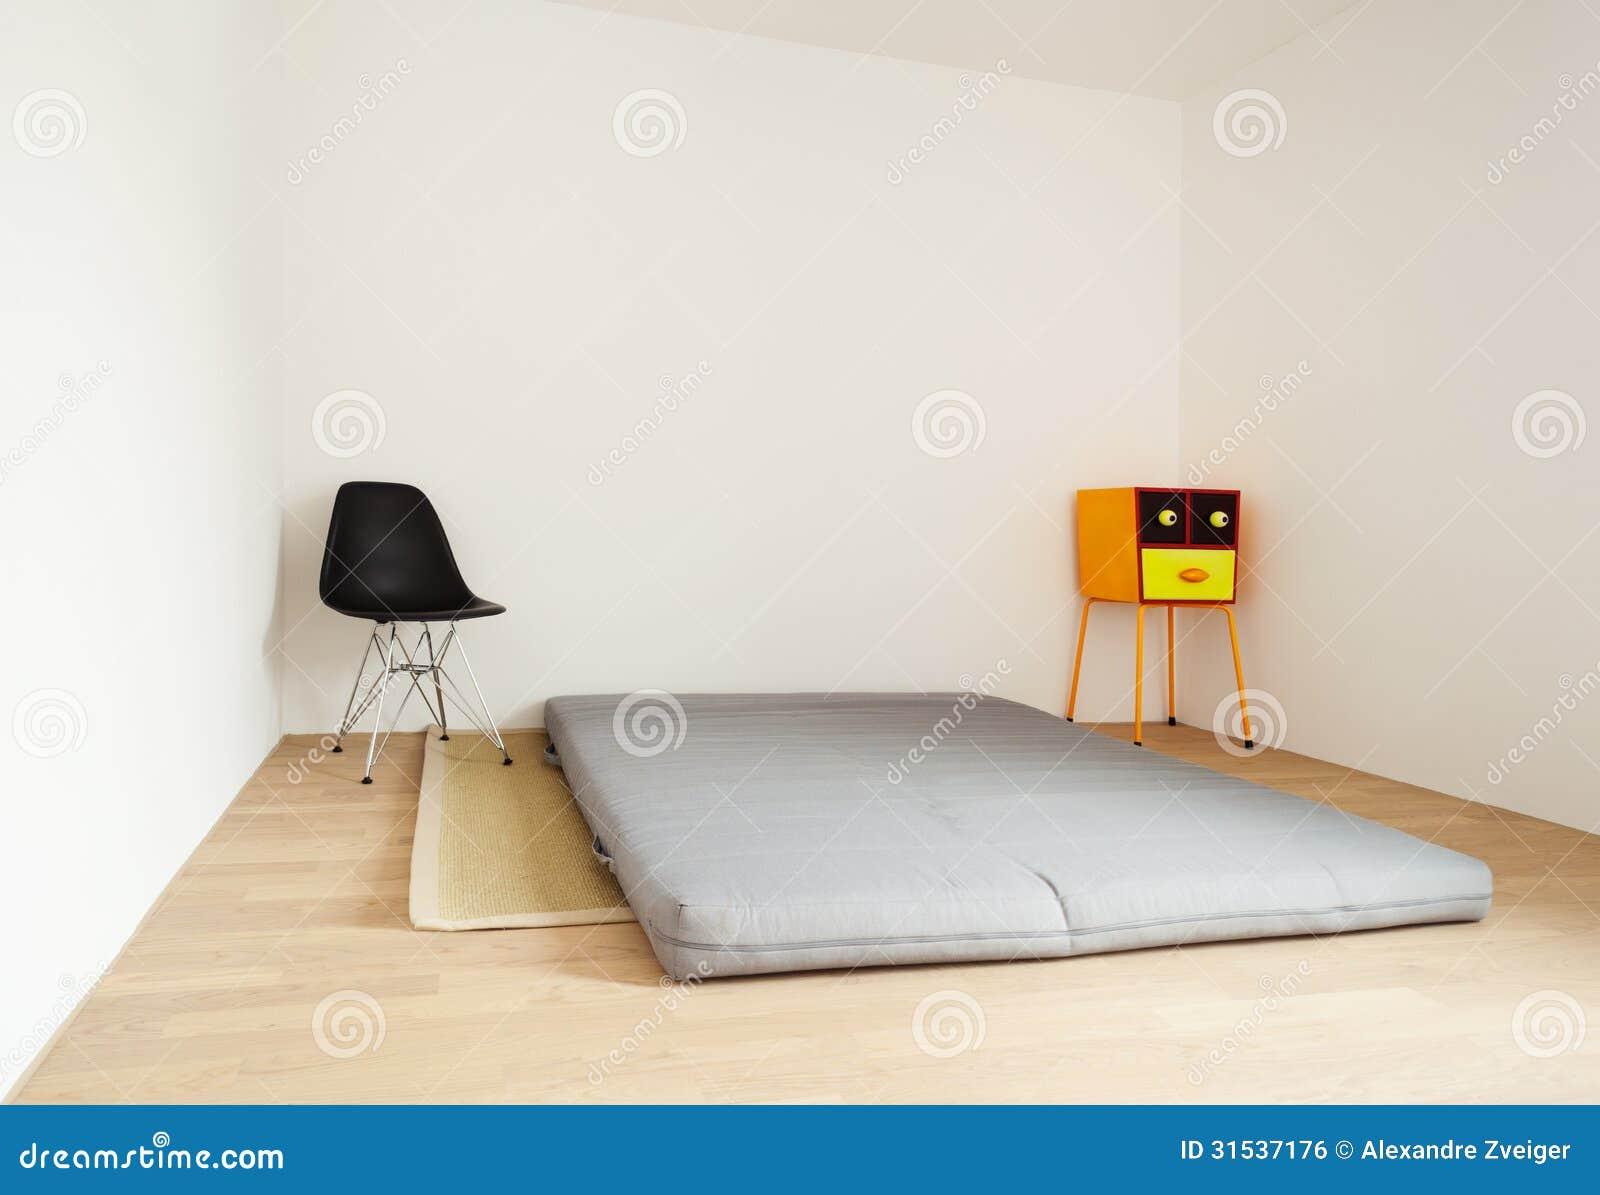 Fußboden Schlafzimmer Xl ~ Schlafzimmer mit einer matratze stockfoto bild von fußboden